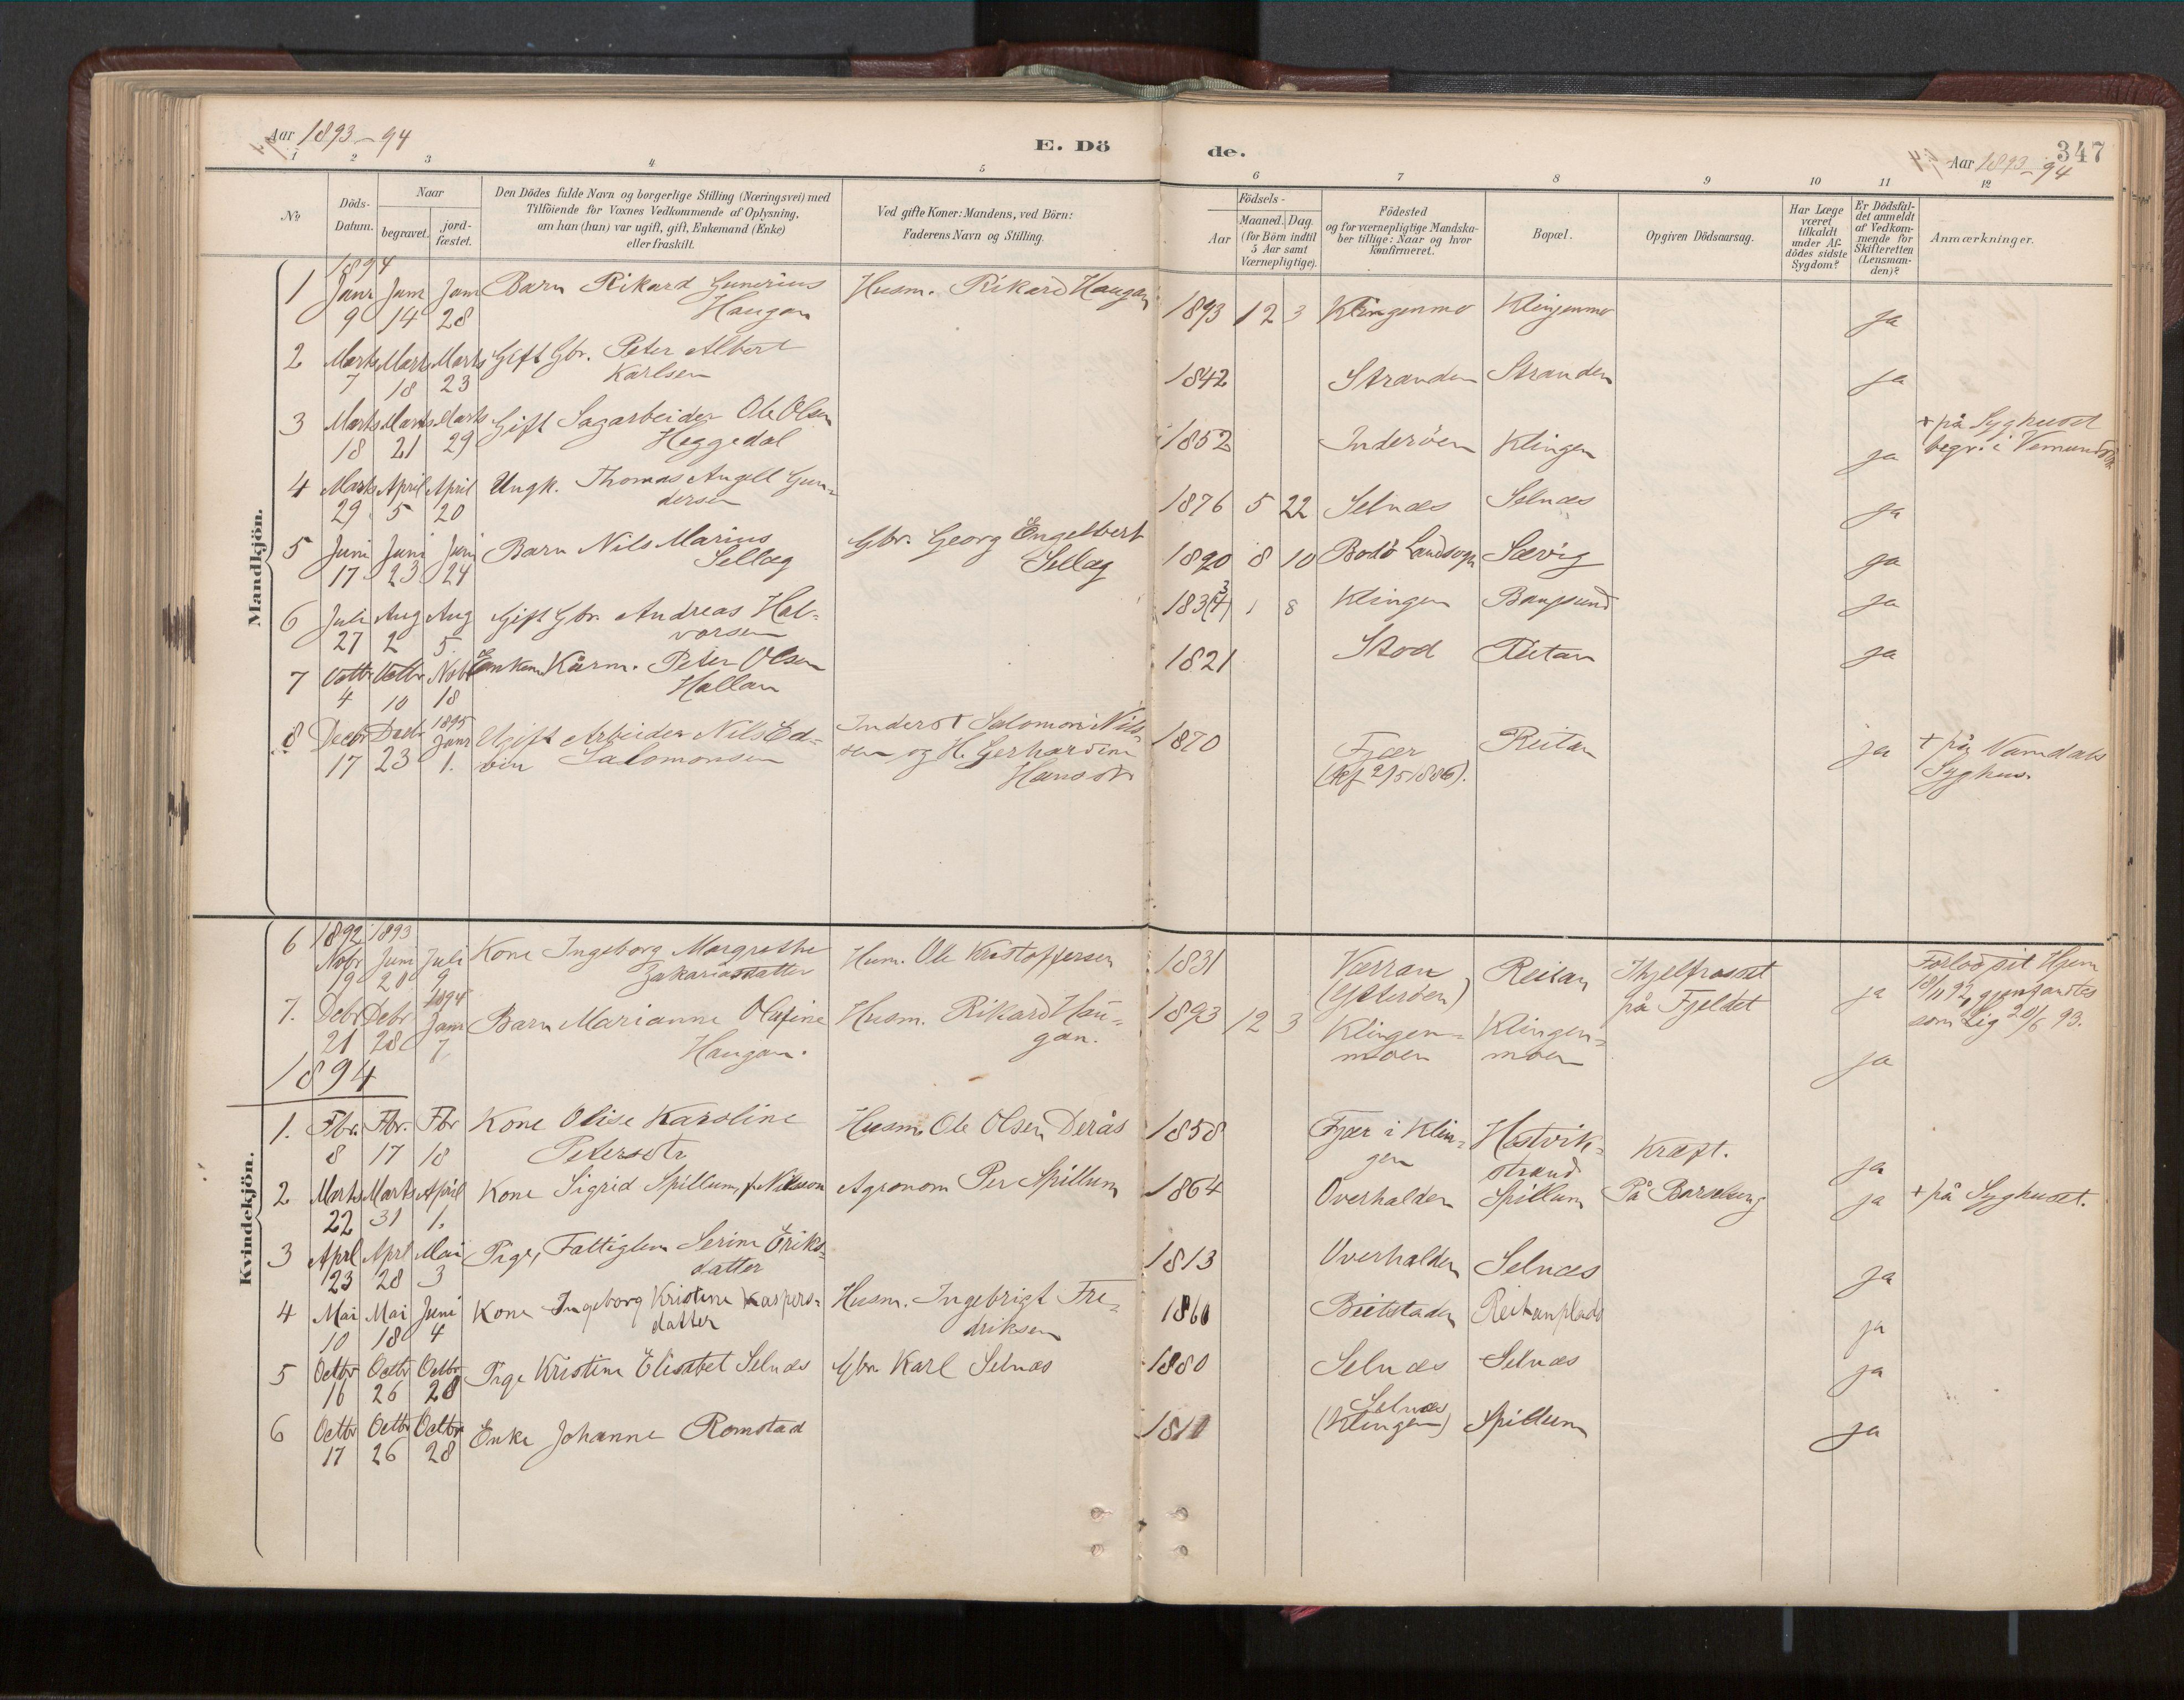 SAT, Ministerialprotokoller, klokkerbøker og fødselsregistre - Nord-Trøndelag, 770/L0589: Ministerialbok nr. 770A03, 1887-1929, s. 347